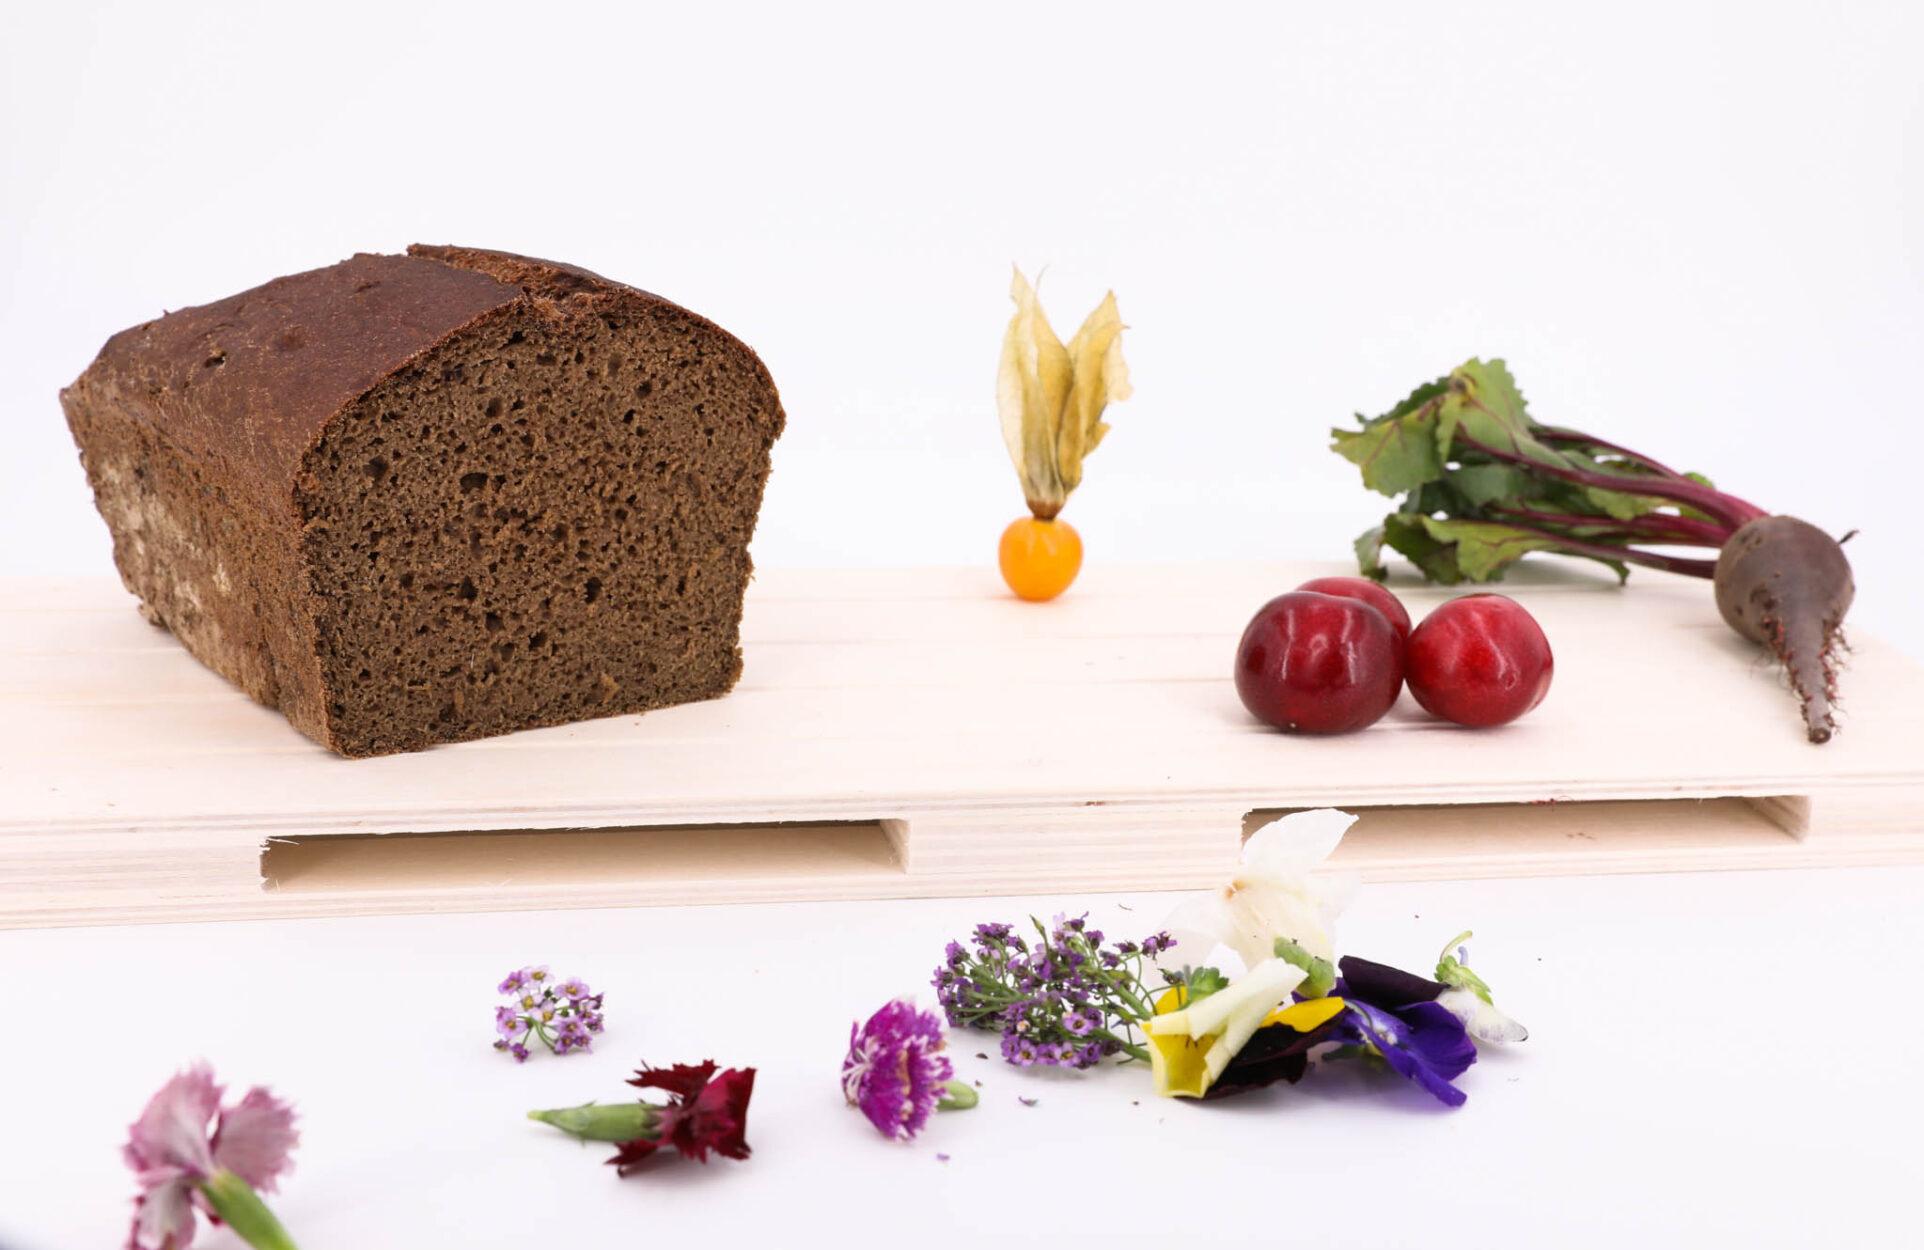 gastronomica-alimentos-nicoletalupuagency (9 of 84)